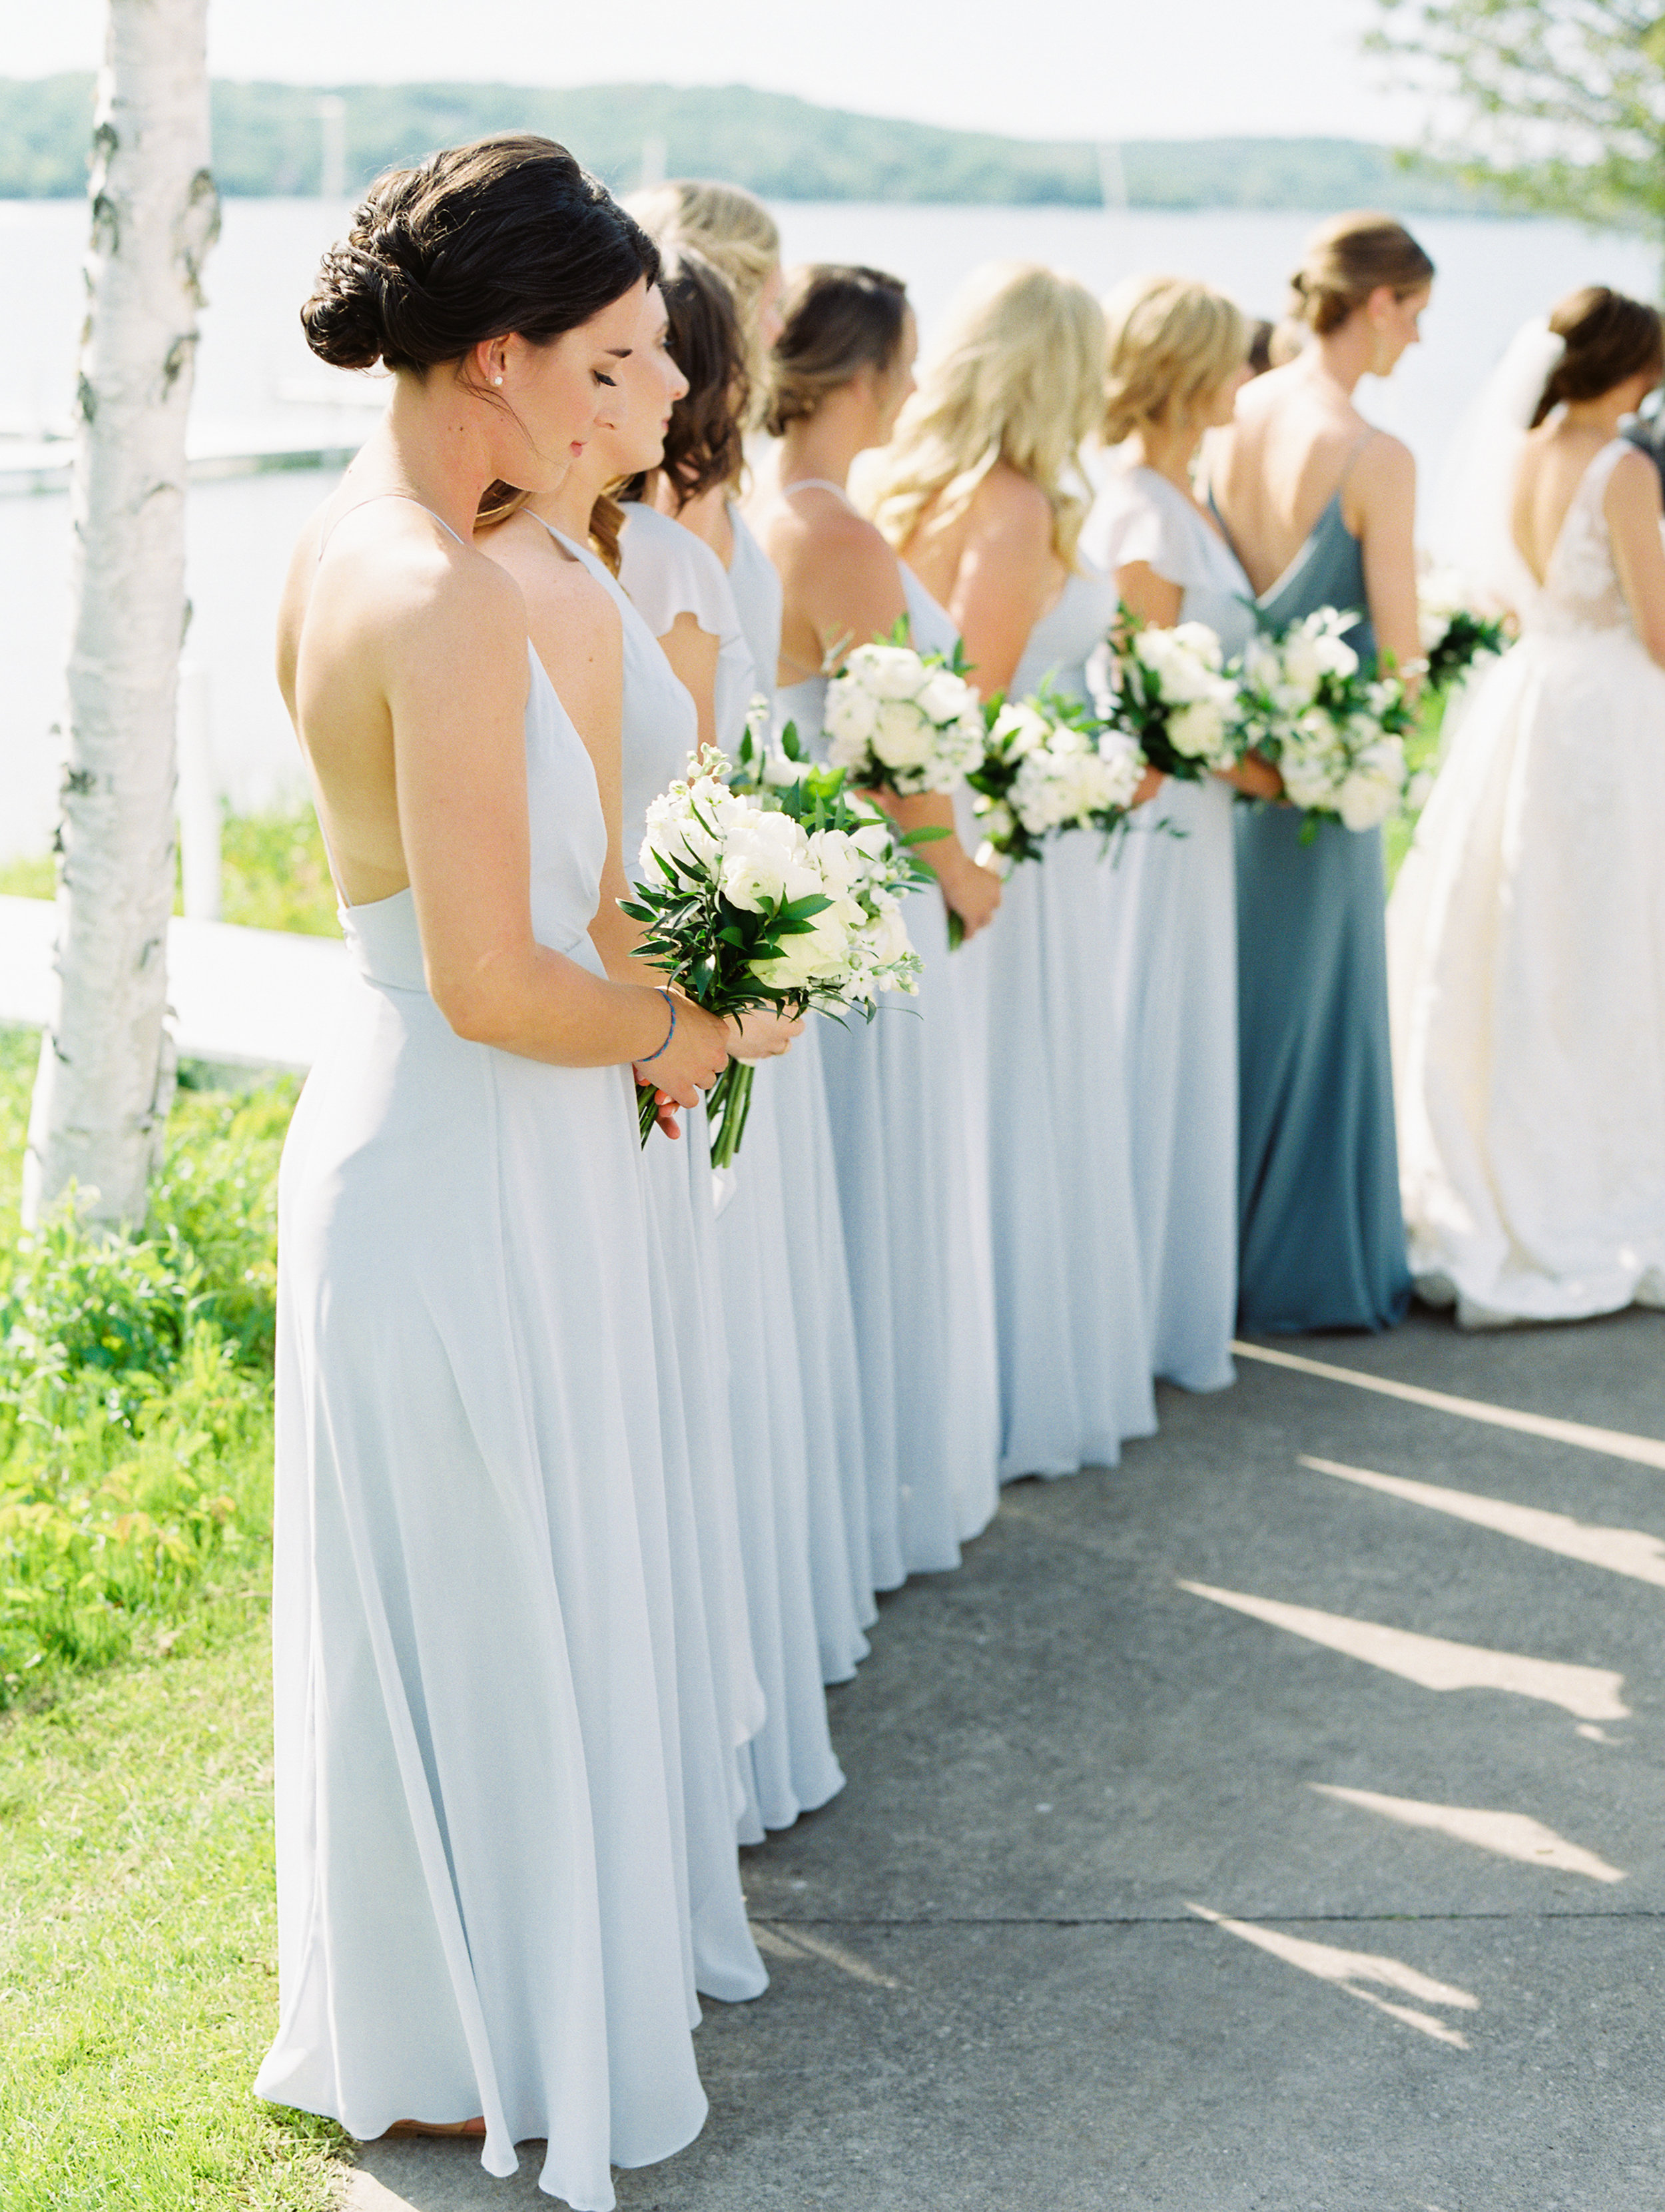 DeGuilio+Wedding+Ceremonyf-5.jpg